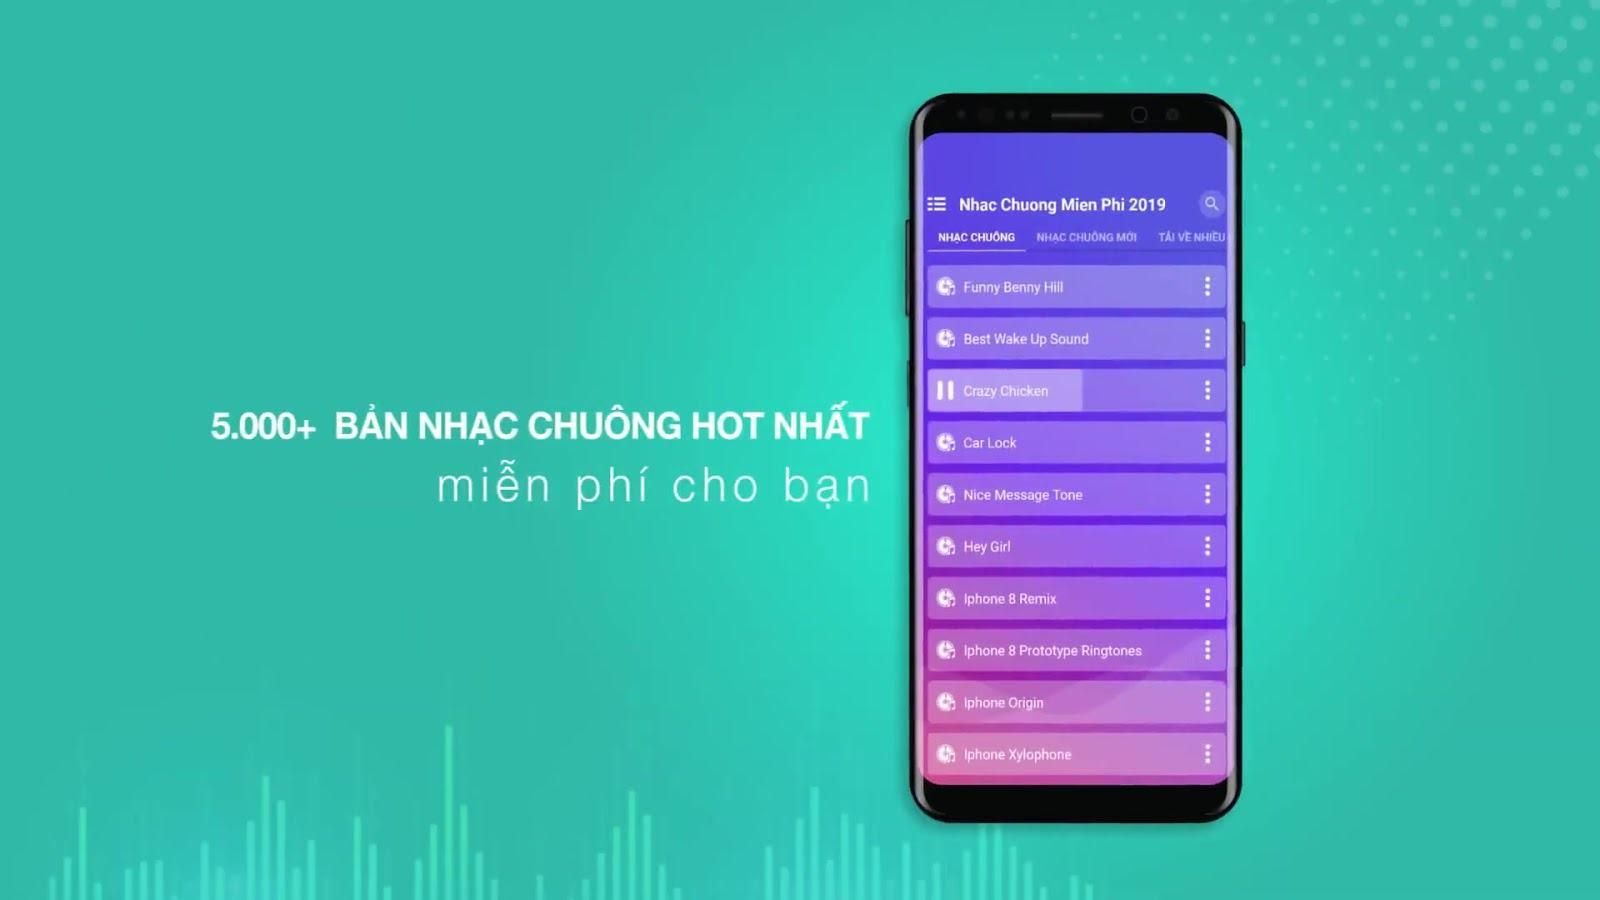 Website tải nhạc chuông net miễn phí đa dạng